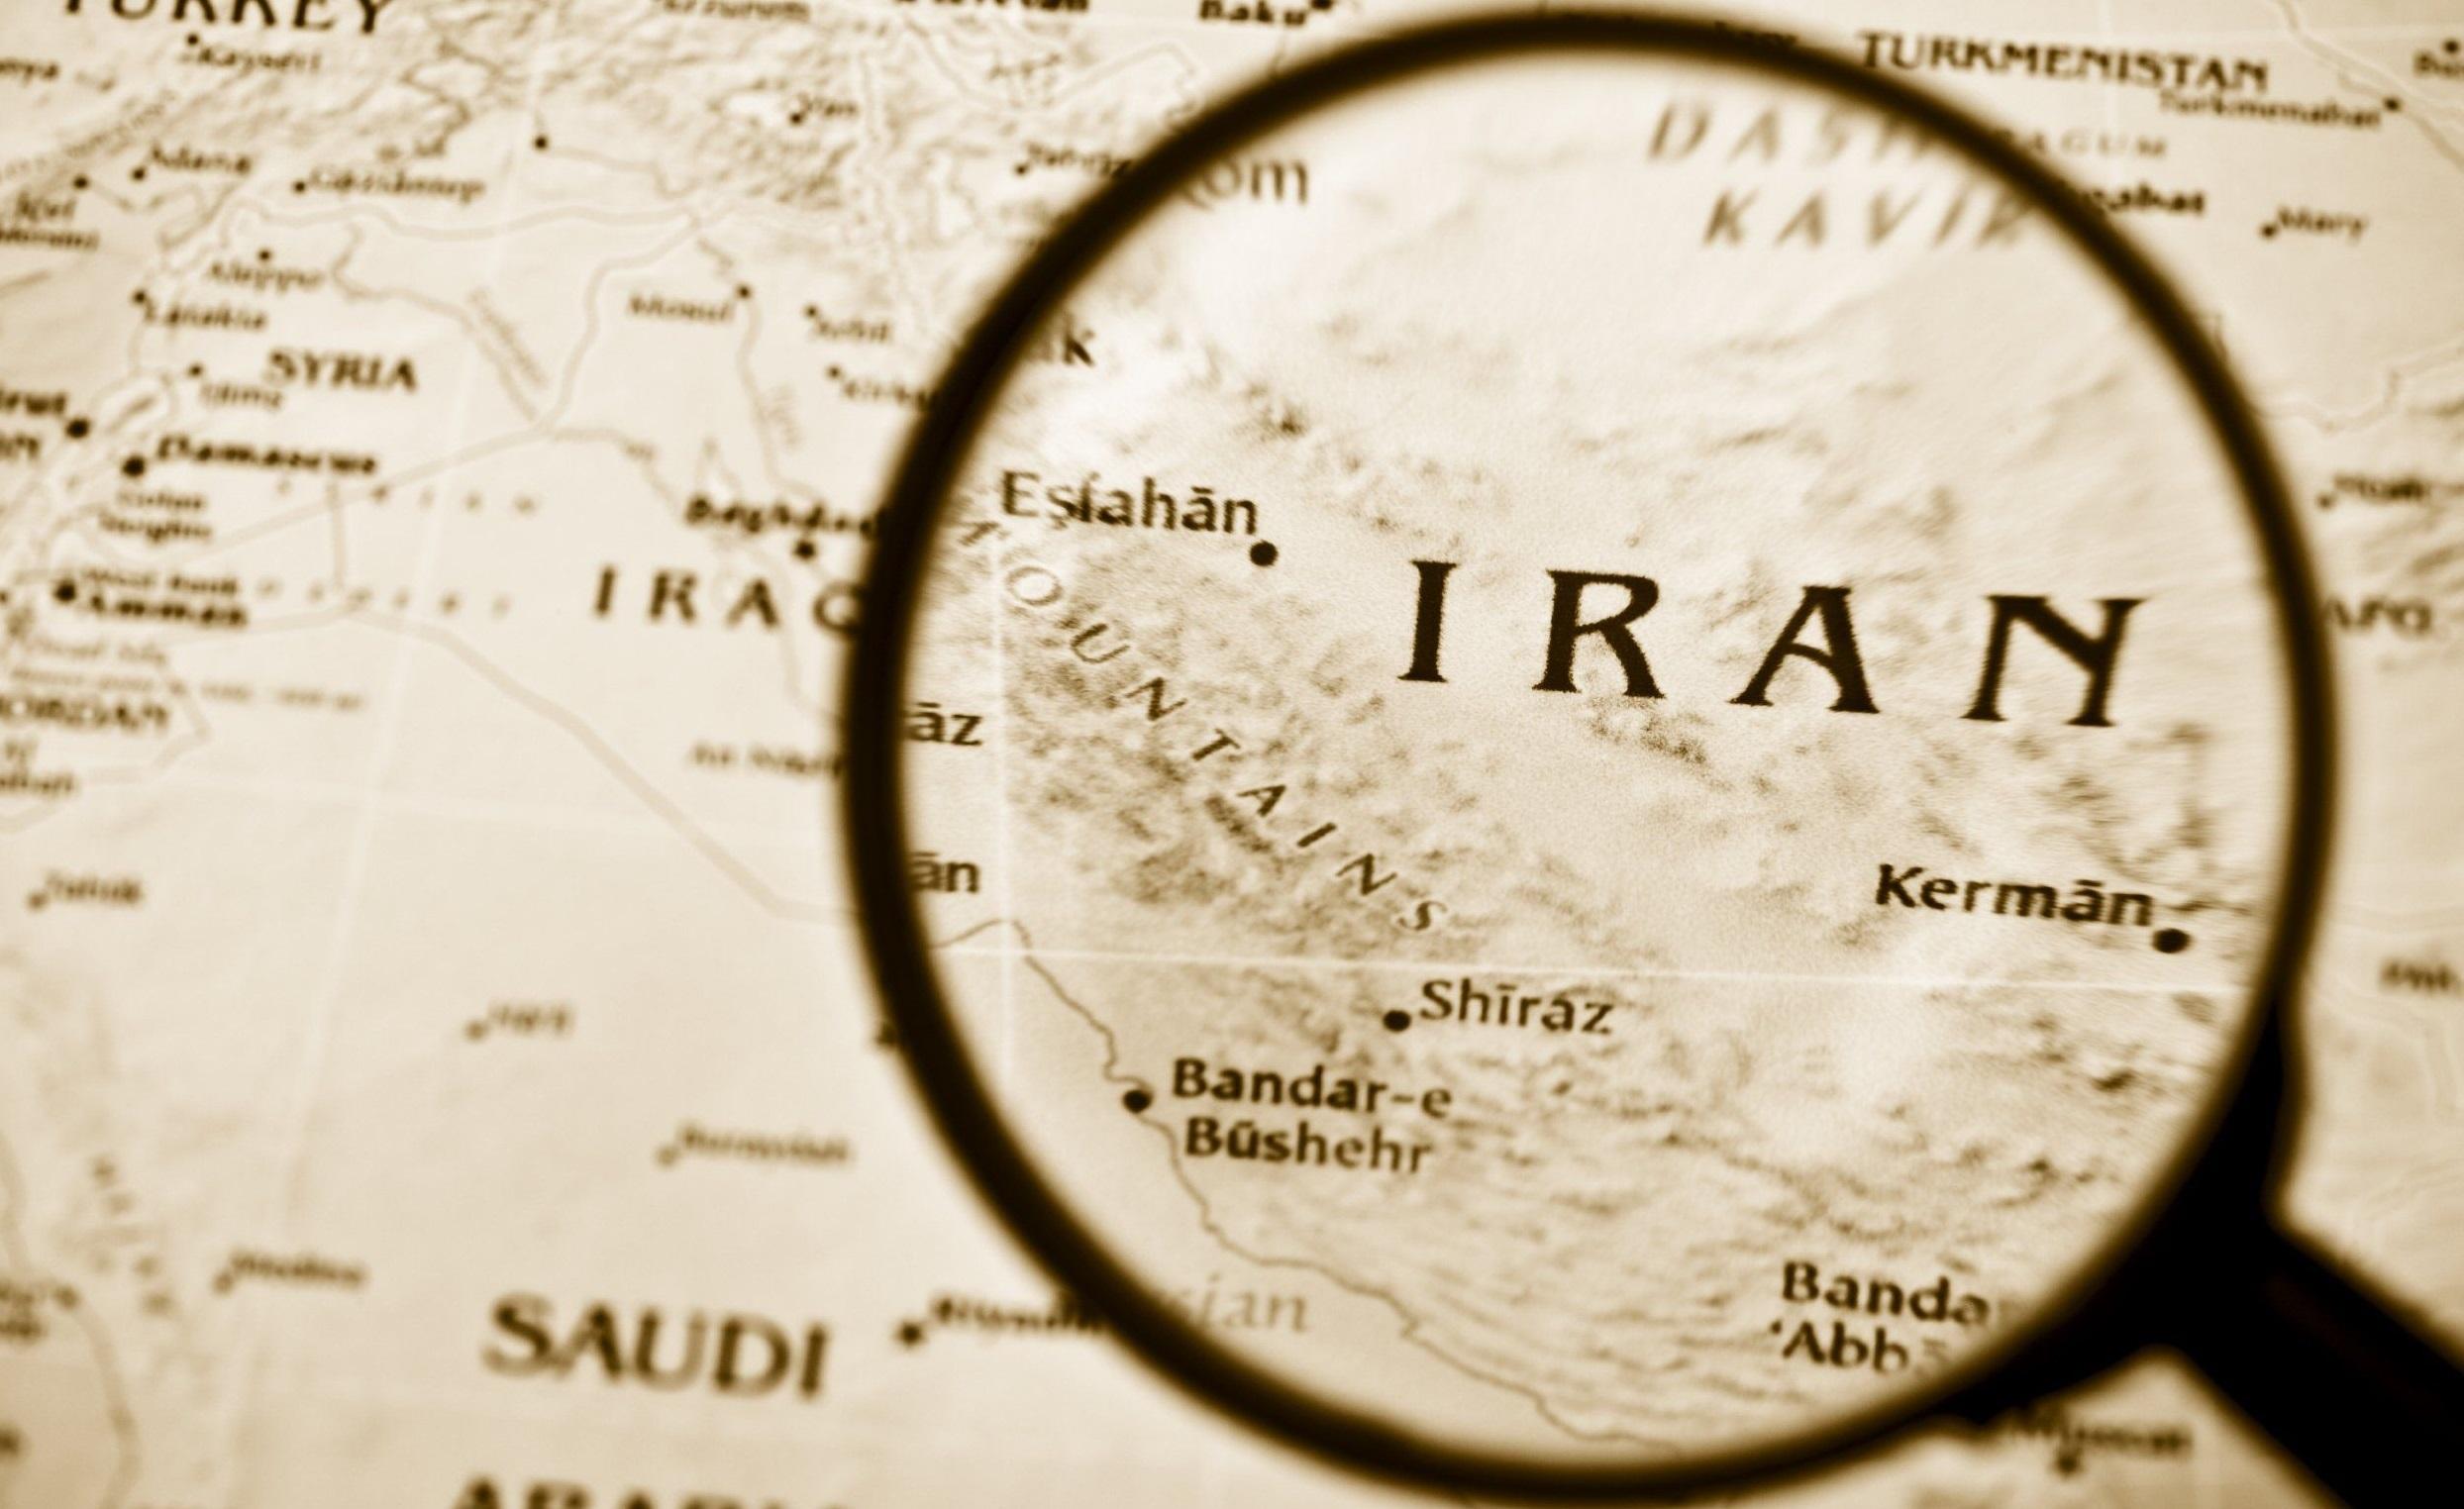 پروژه حمایت از گروههای اپوزیسیون در دستور کار مخالفان حکومت ایران قرار میگیرد؟